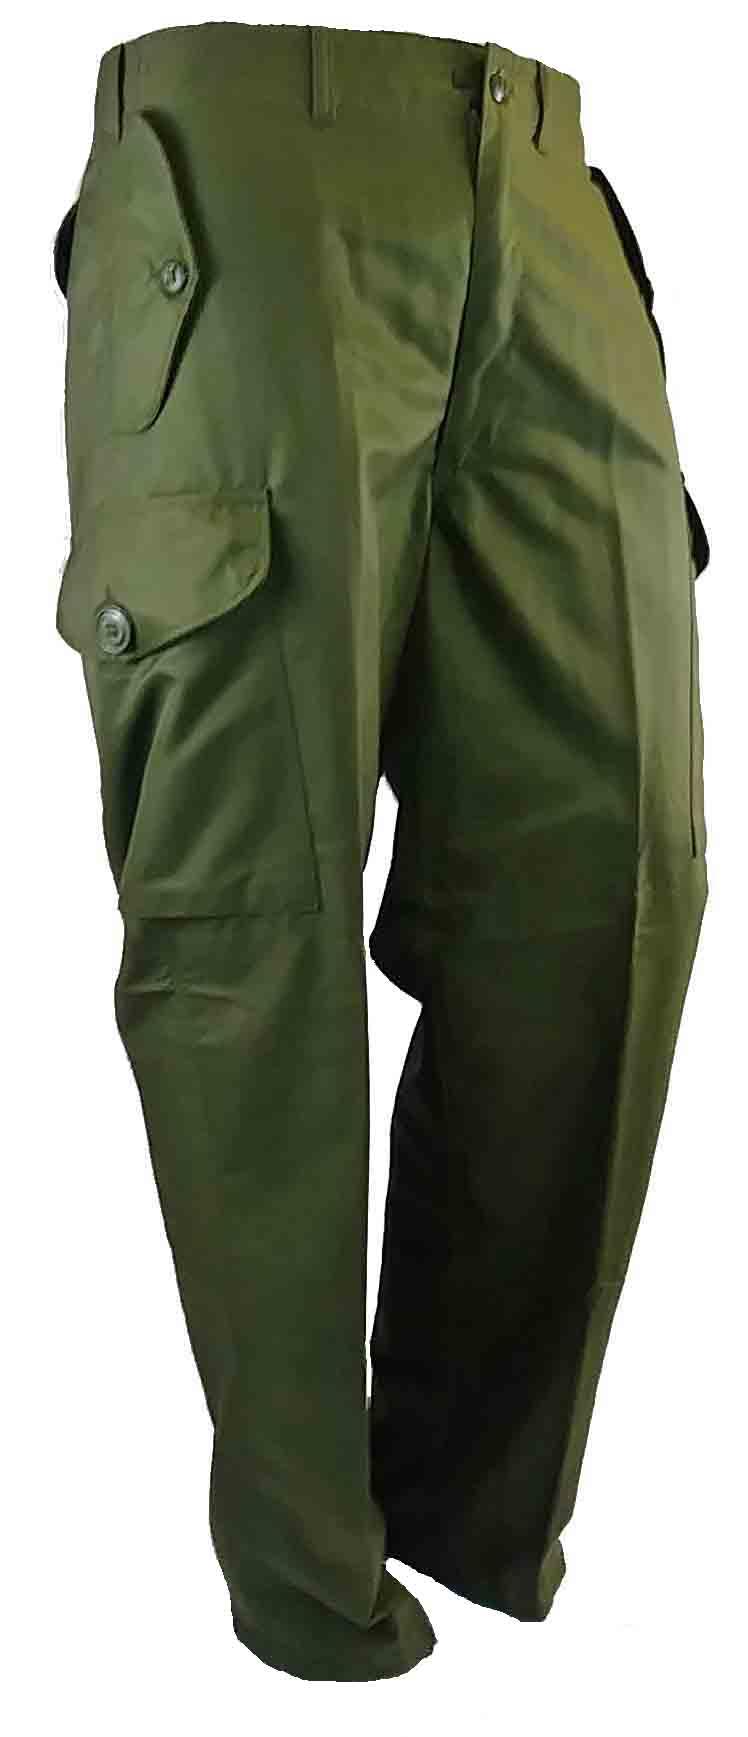 Pantalon coupe-vent de style combat.